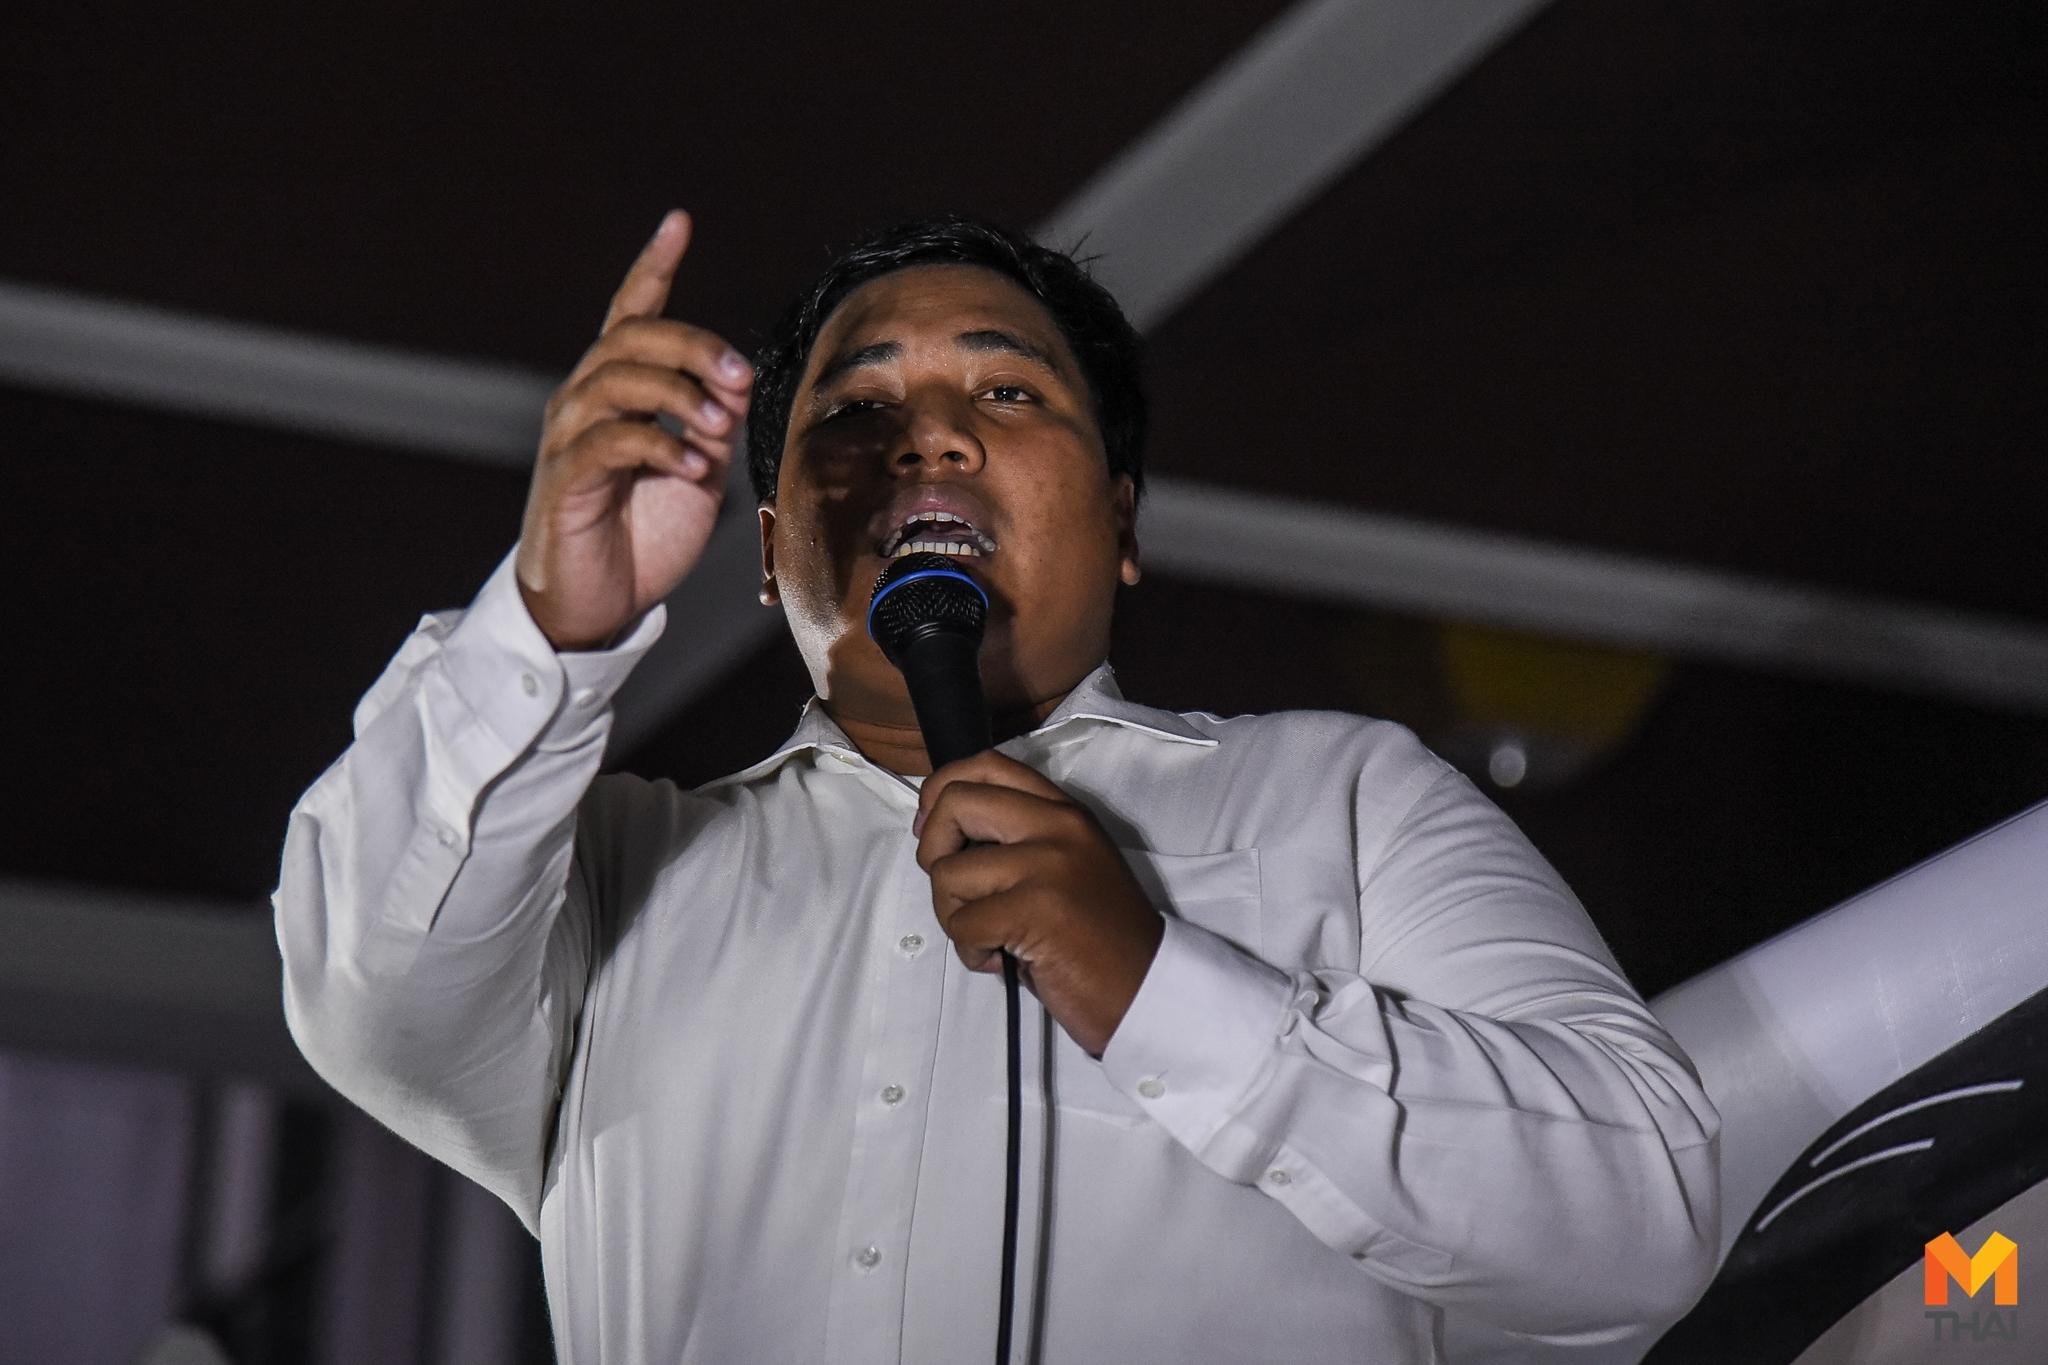 กลุ่มคนอยากเลือกตั้ง การเมืองไทย จ่านิว